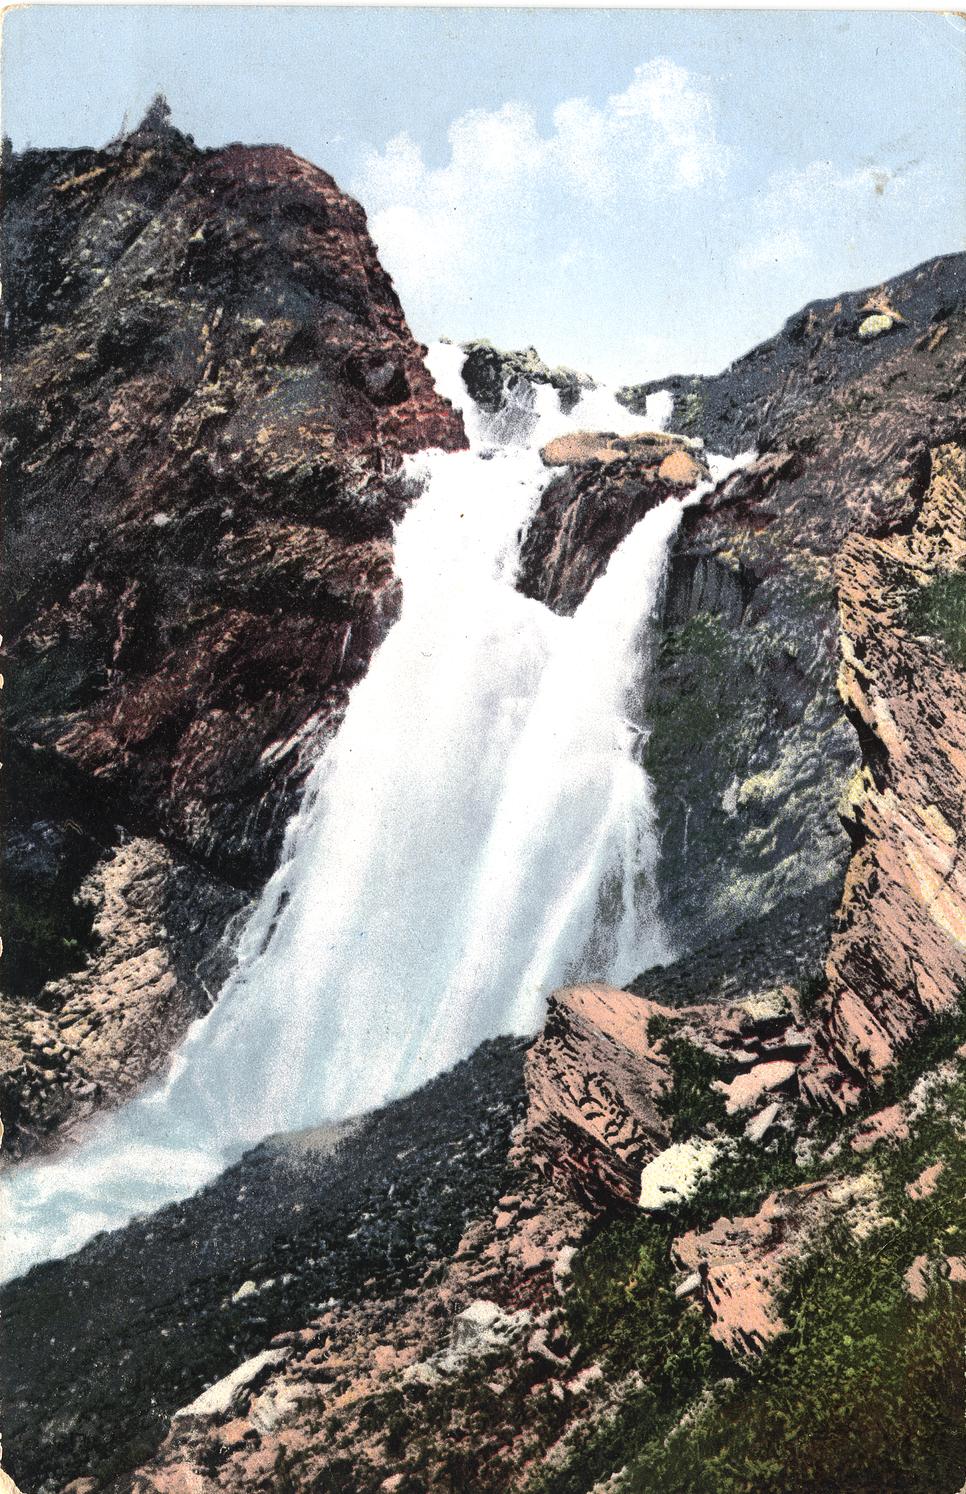 Водопад Россыпной у истока Катуни. Район горы Белухи